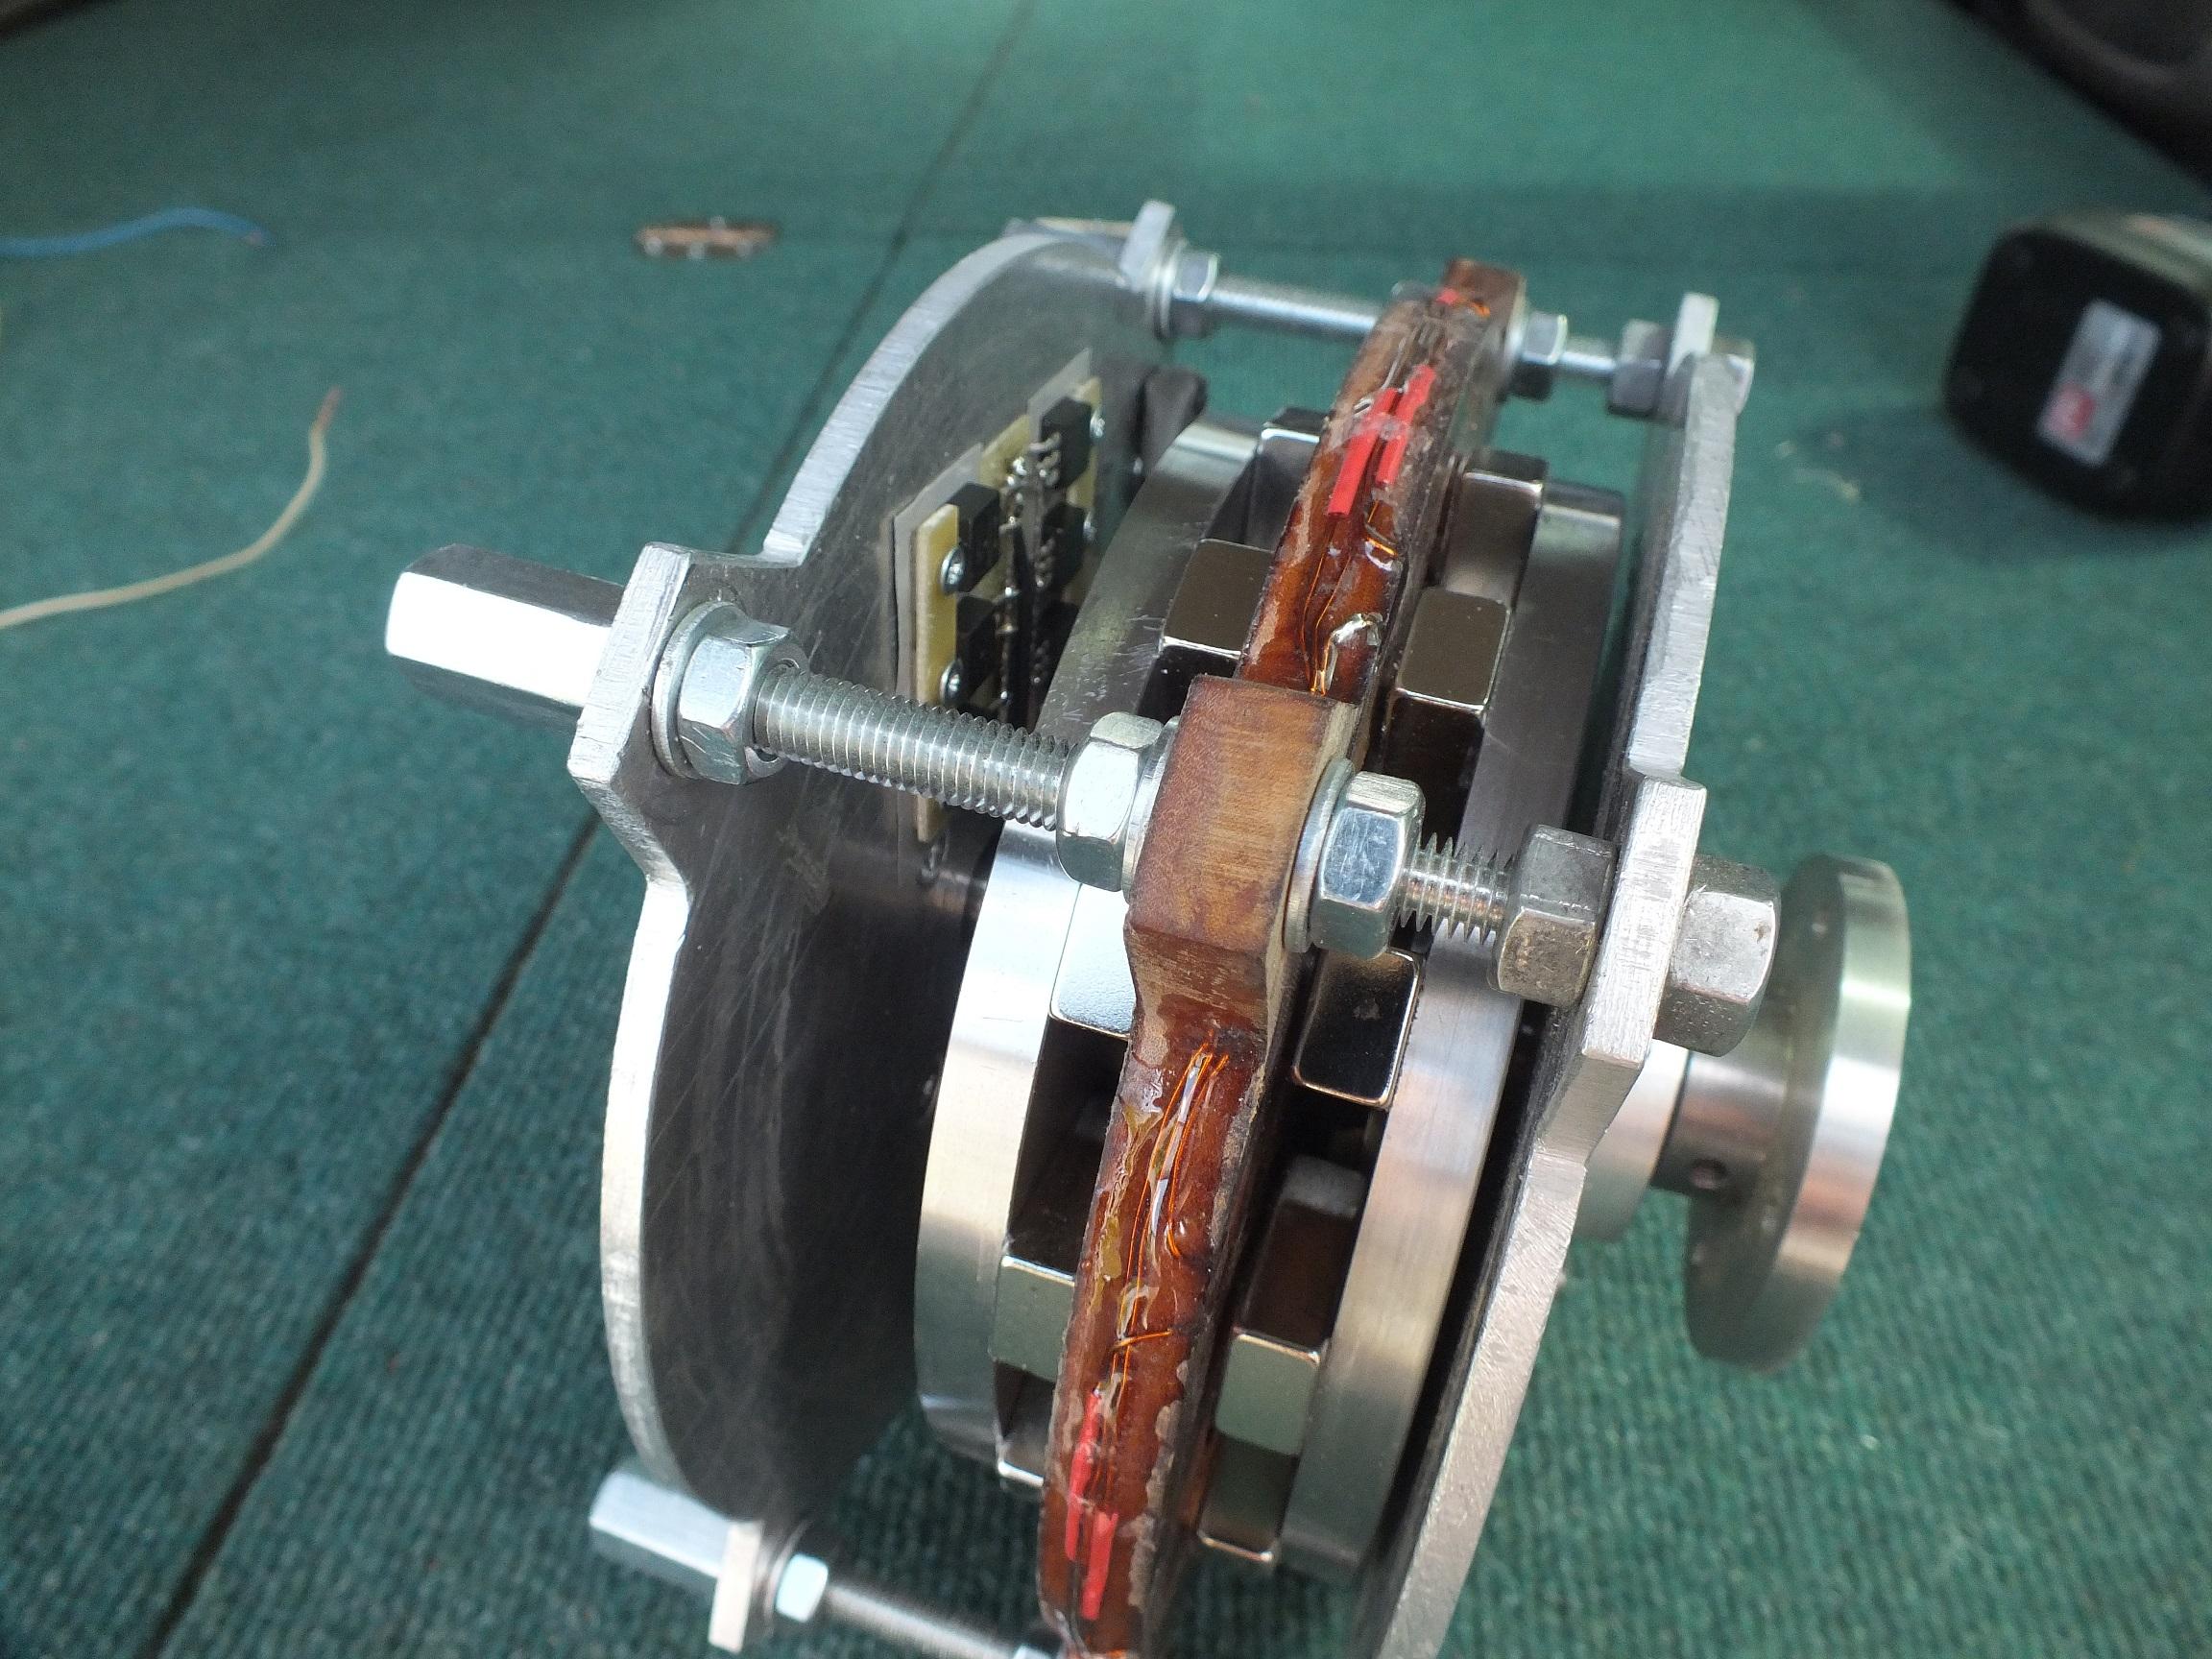 Генератор на неодимовых магнитах. вечный двигатель на неодимовых магнитах